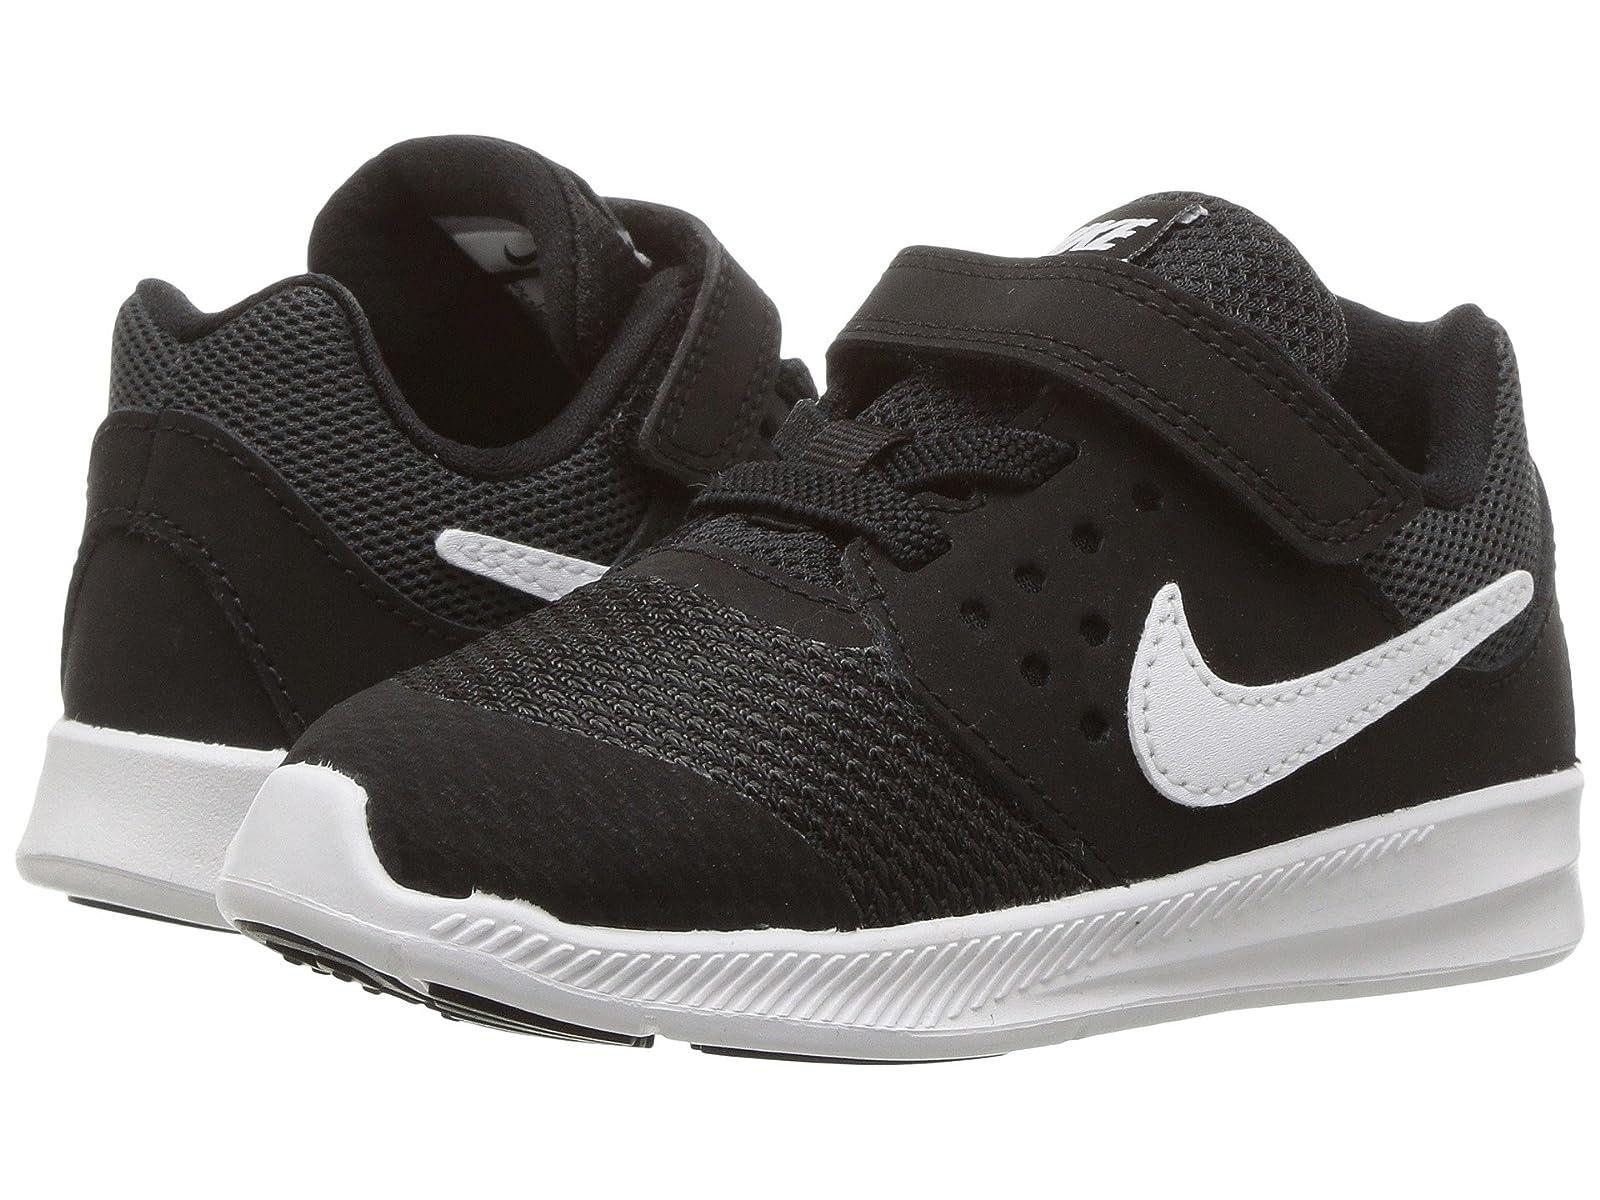 Nike Kids Downshifter 7 (Infant/Toddler)Atmospheric grades have affordable shoes